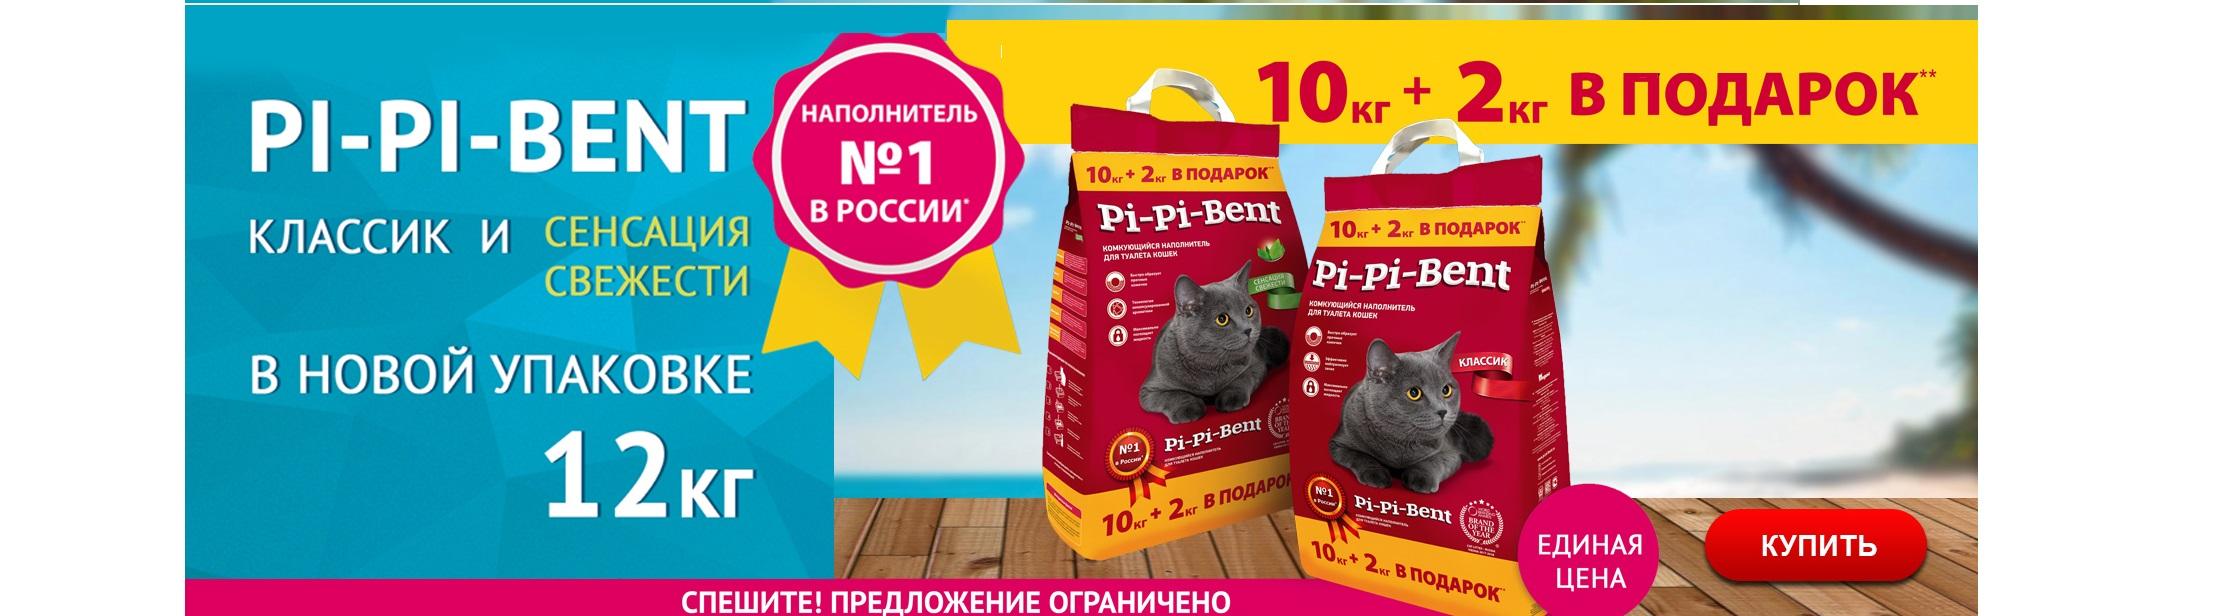 Pipi 10+2